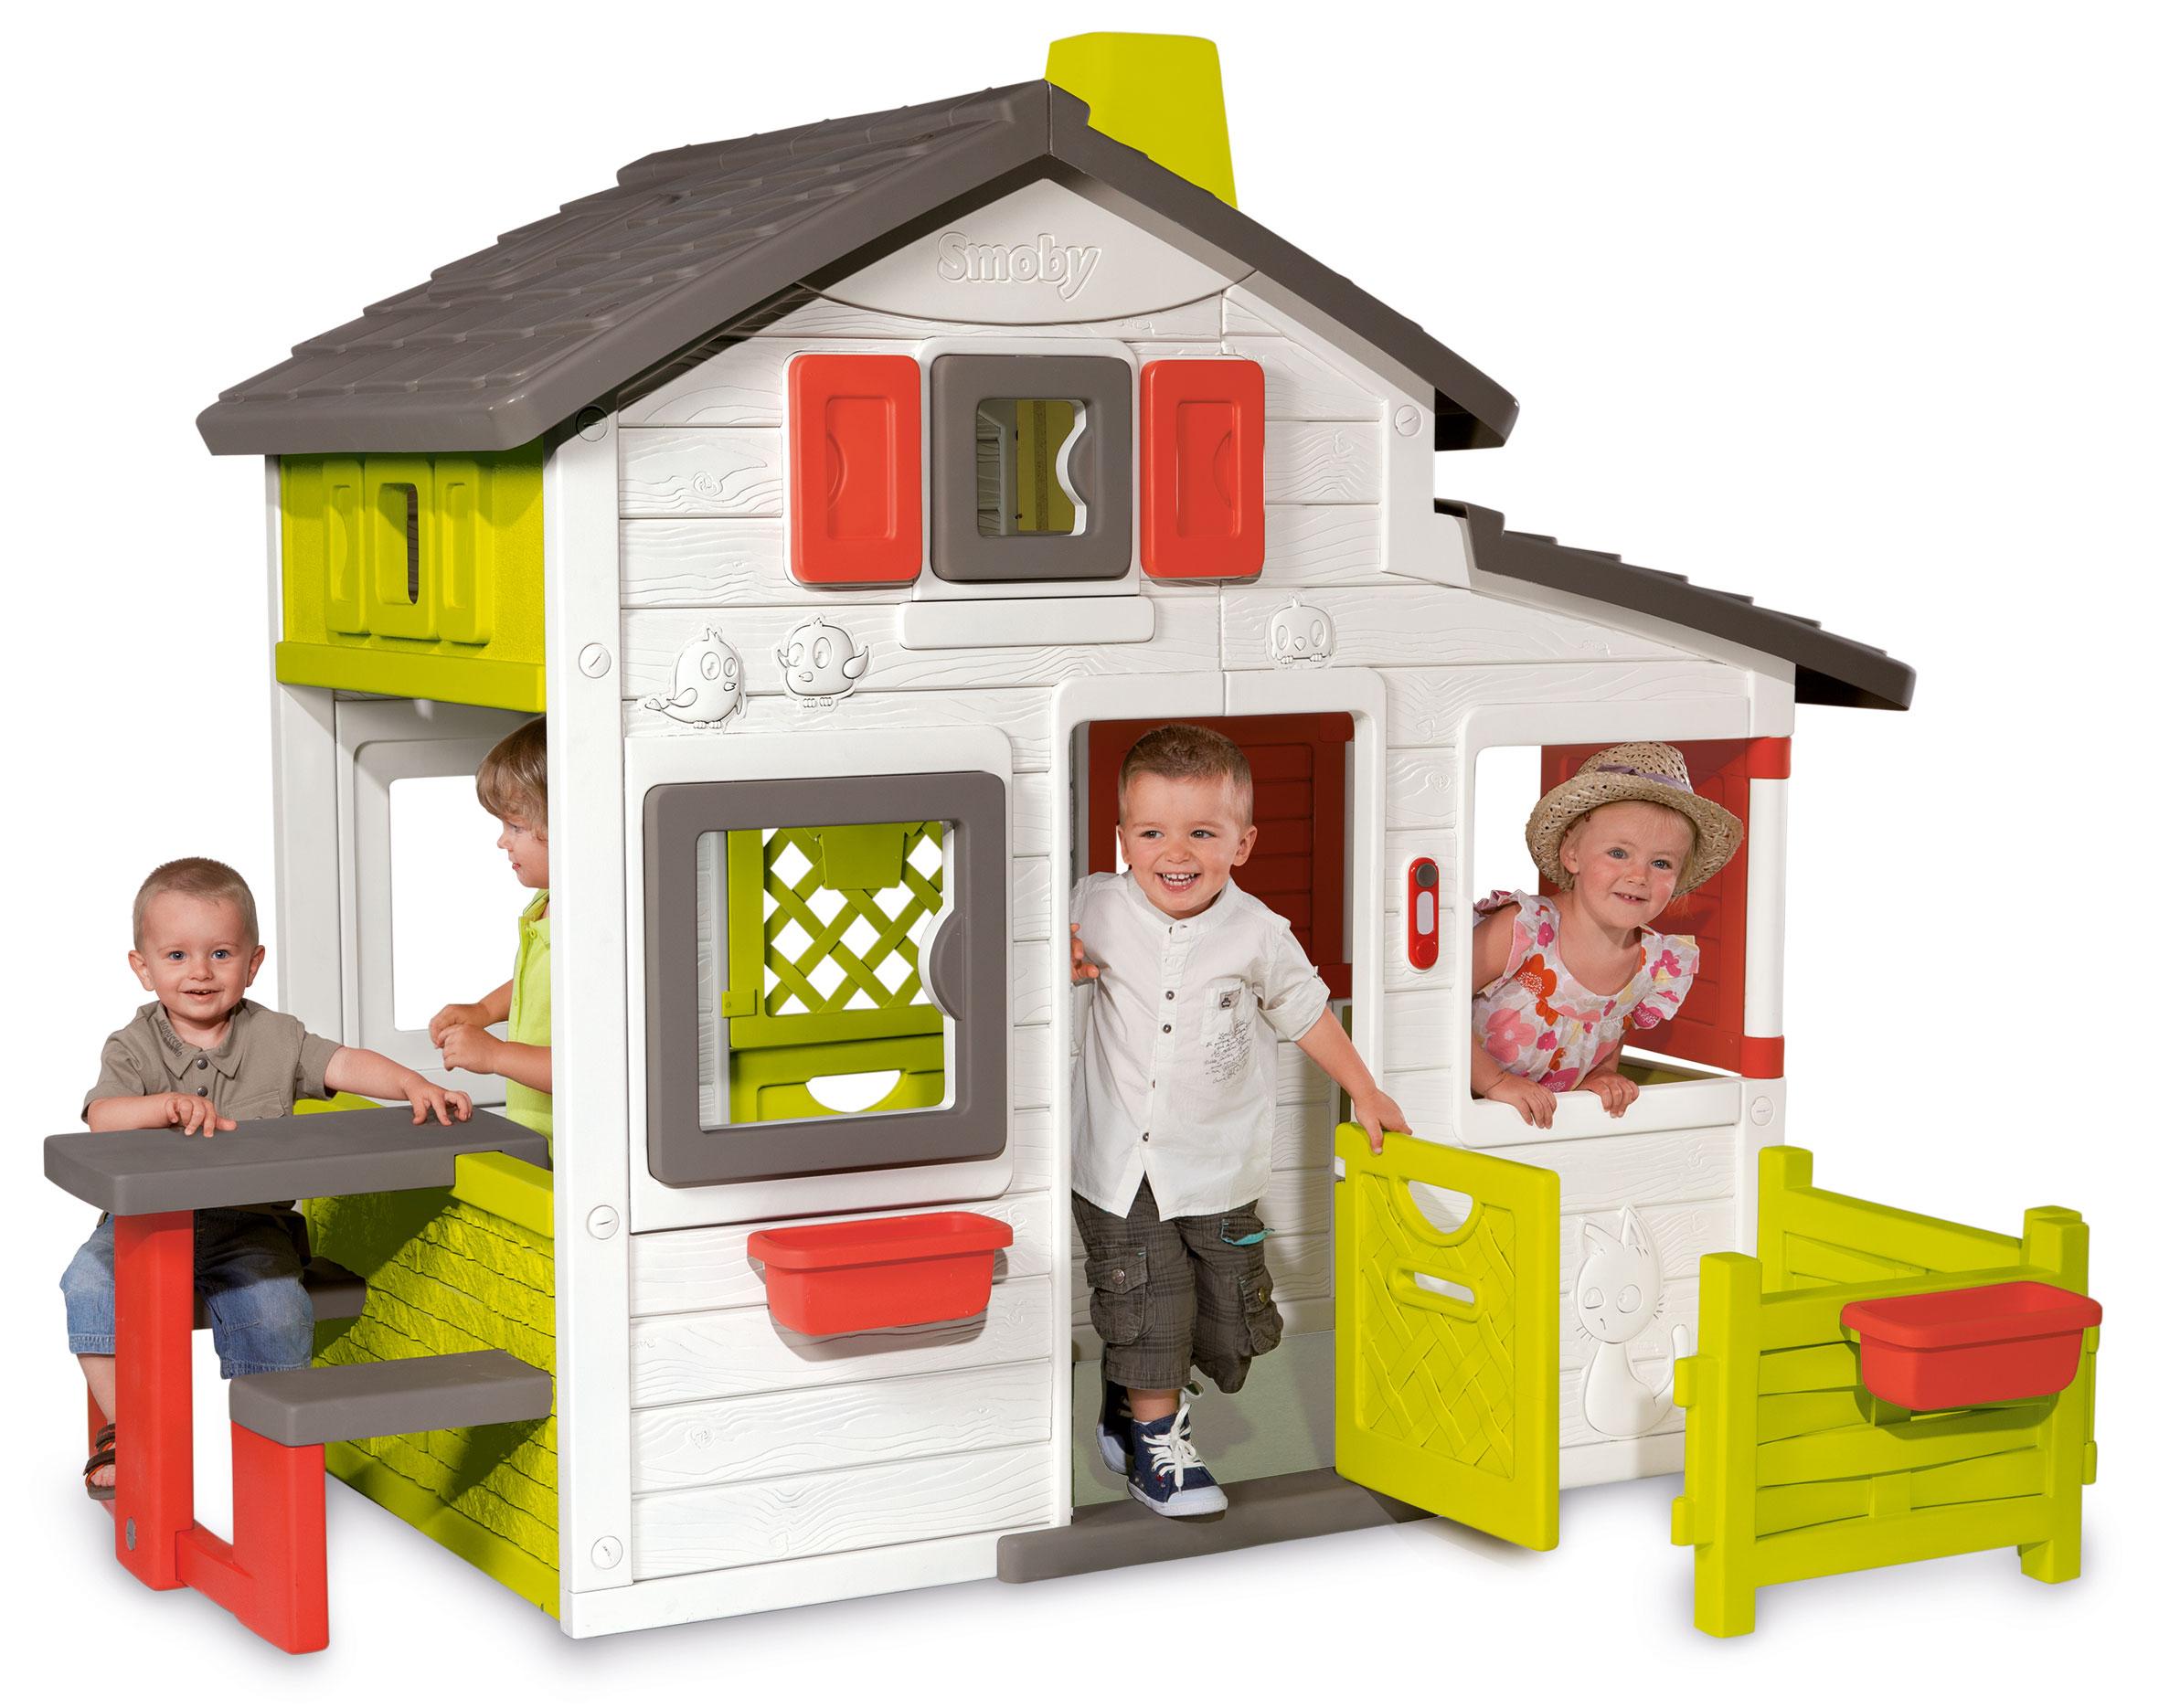 Smoby Spielhaus / Kinderspielhaus Friends Haus Kunststoff Bild 1